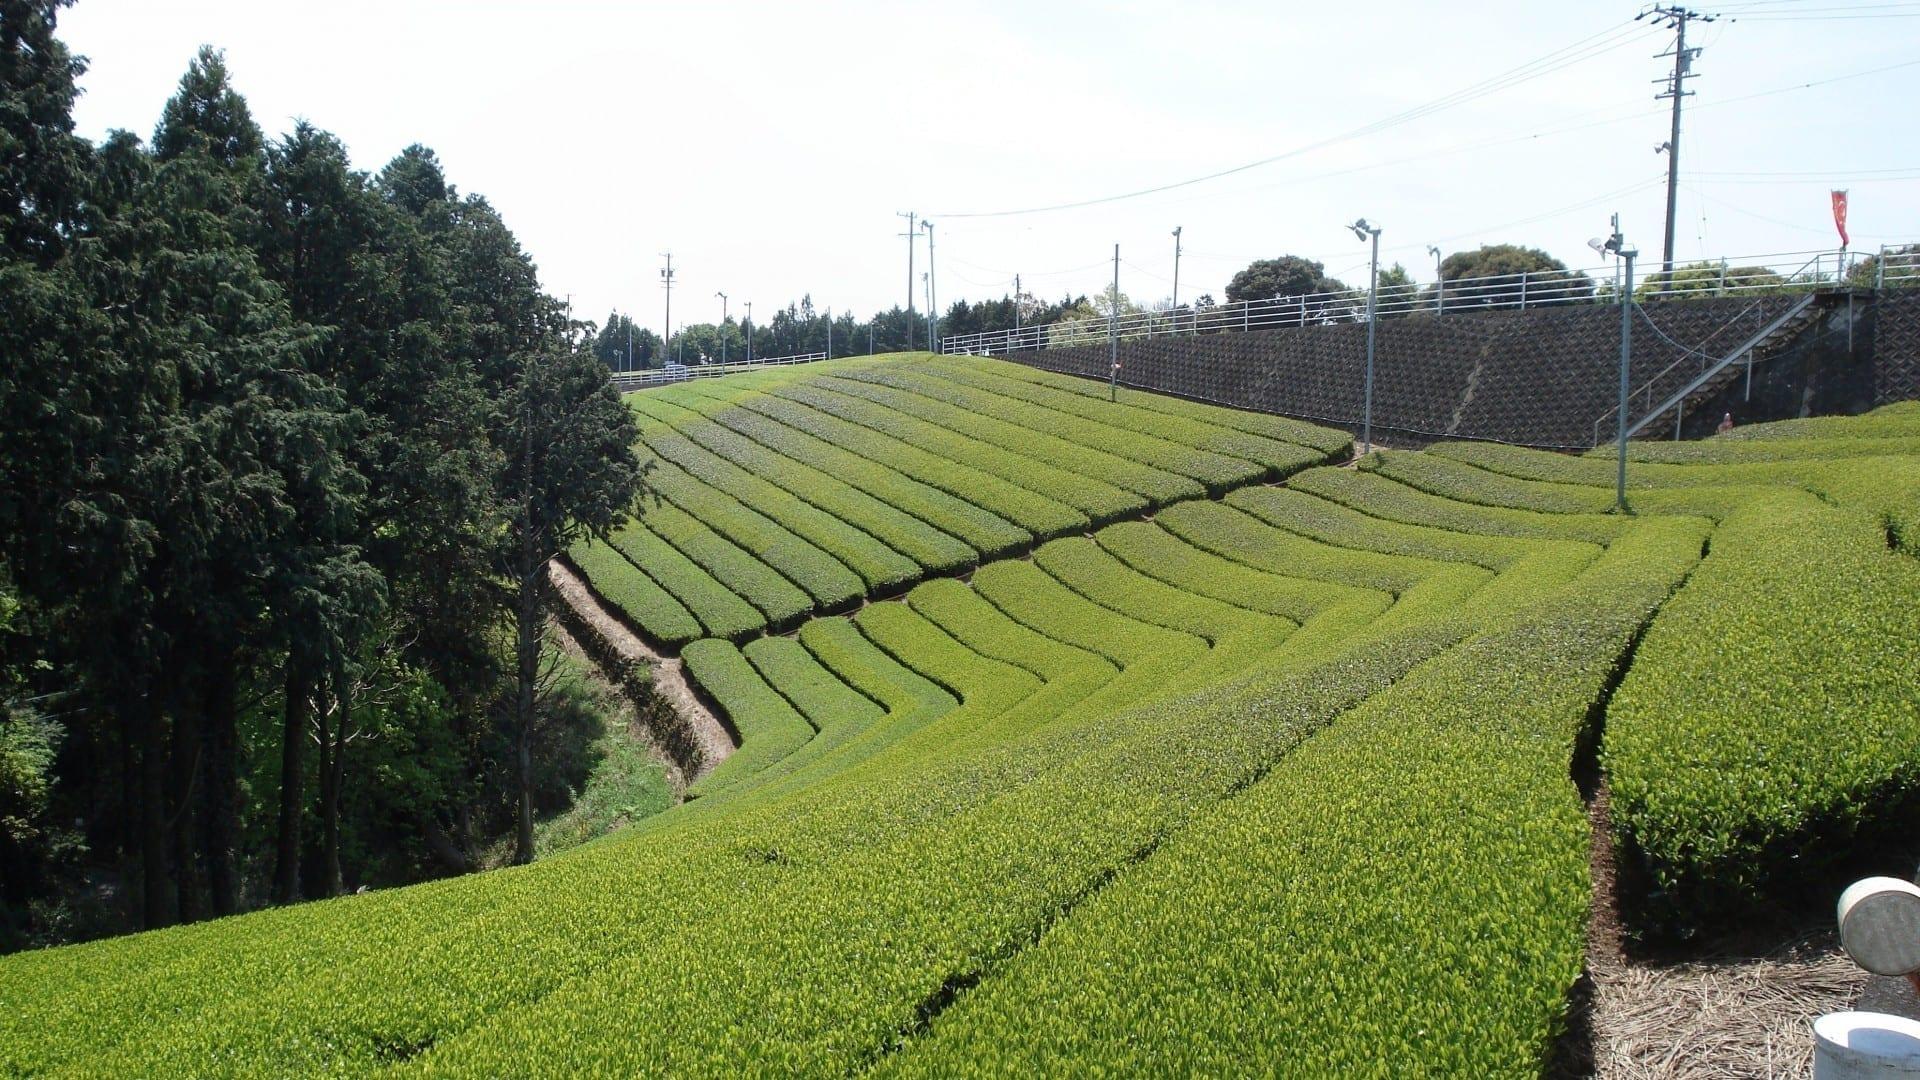 Una plantación de té en las tierras altas de Cameron Cameron Highlands Malasia